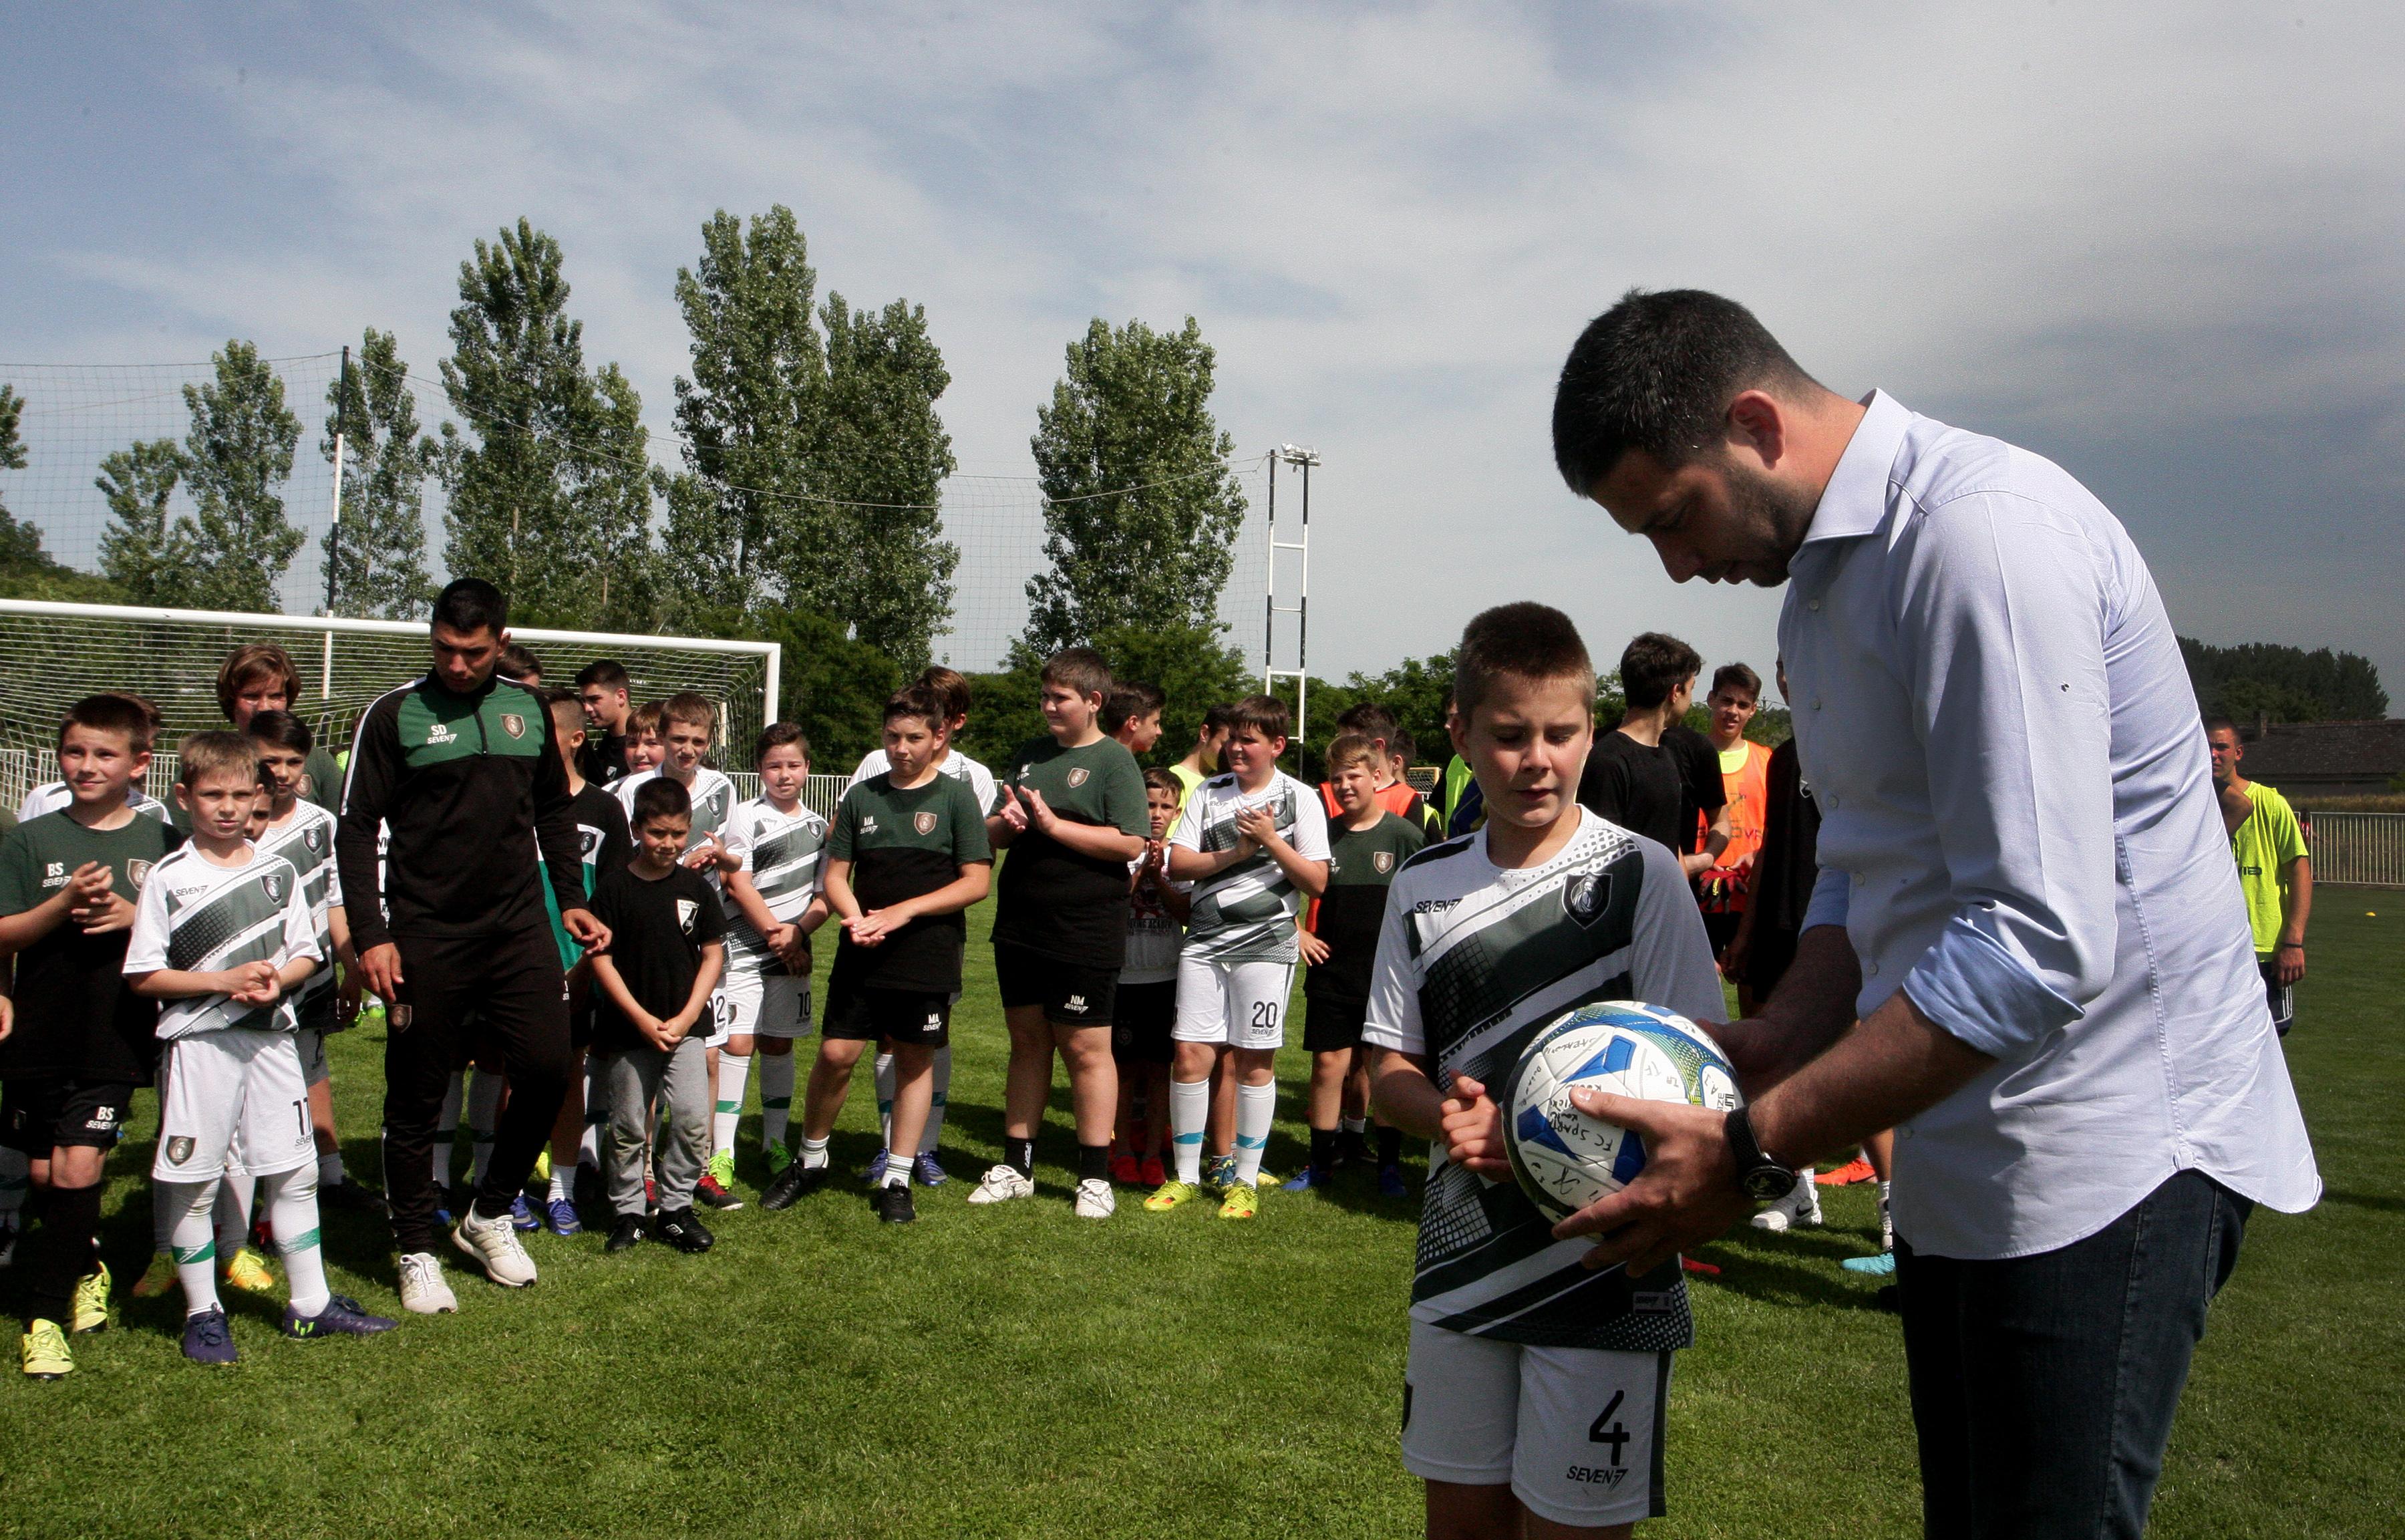 Министар Удовичић отворио Мали сајам спорта у Вршцу и посетио спортисте из Ковина